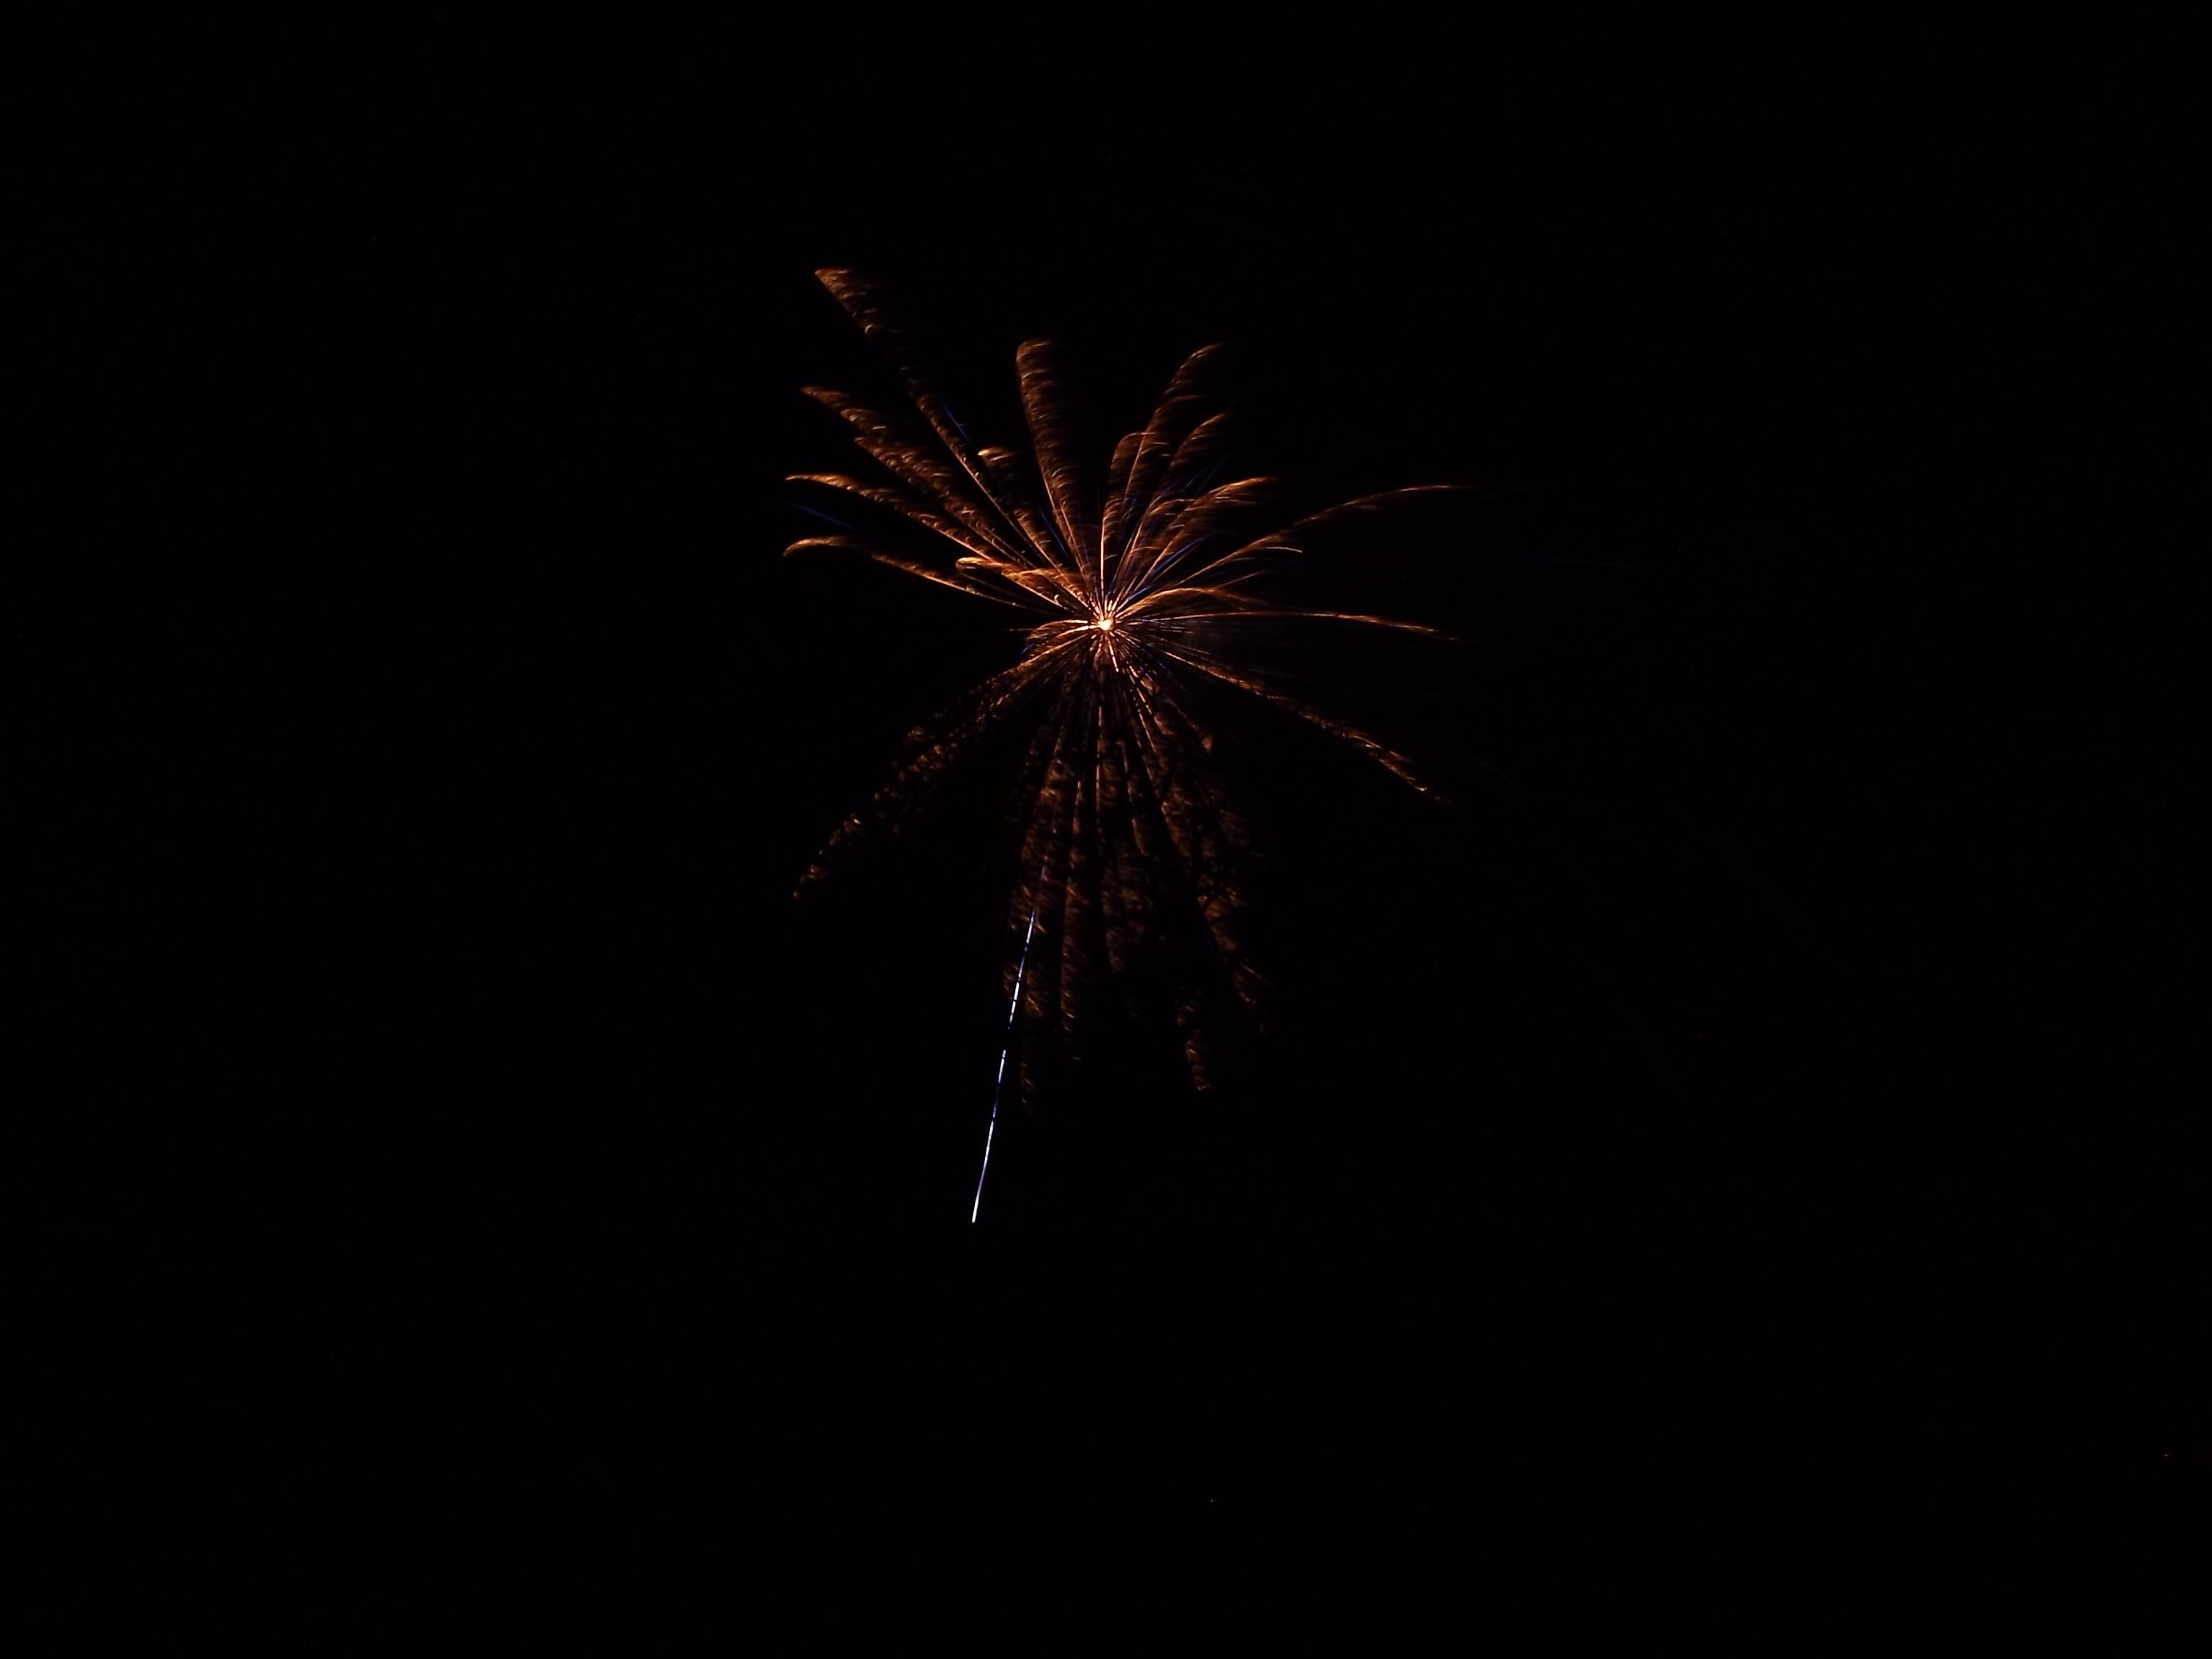 feuerwerk-blume-4533